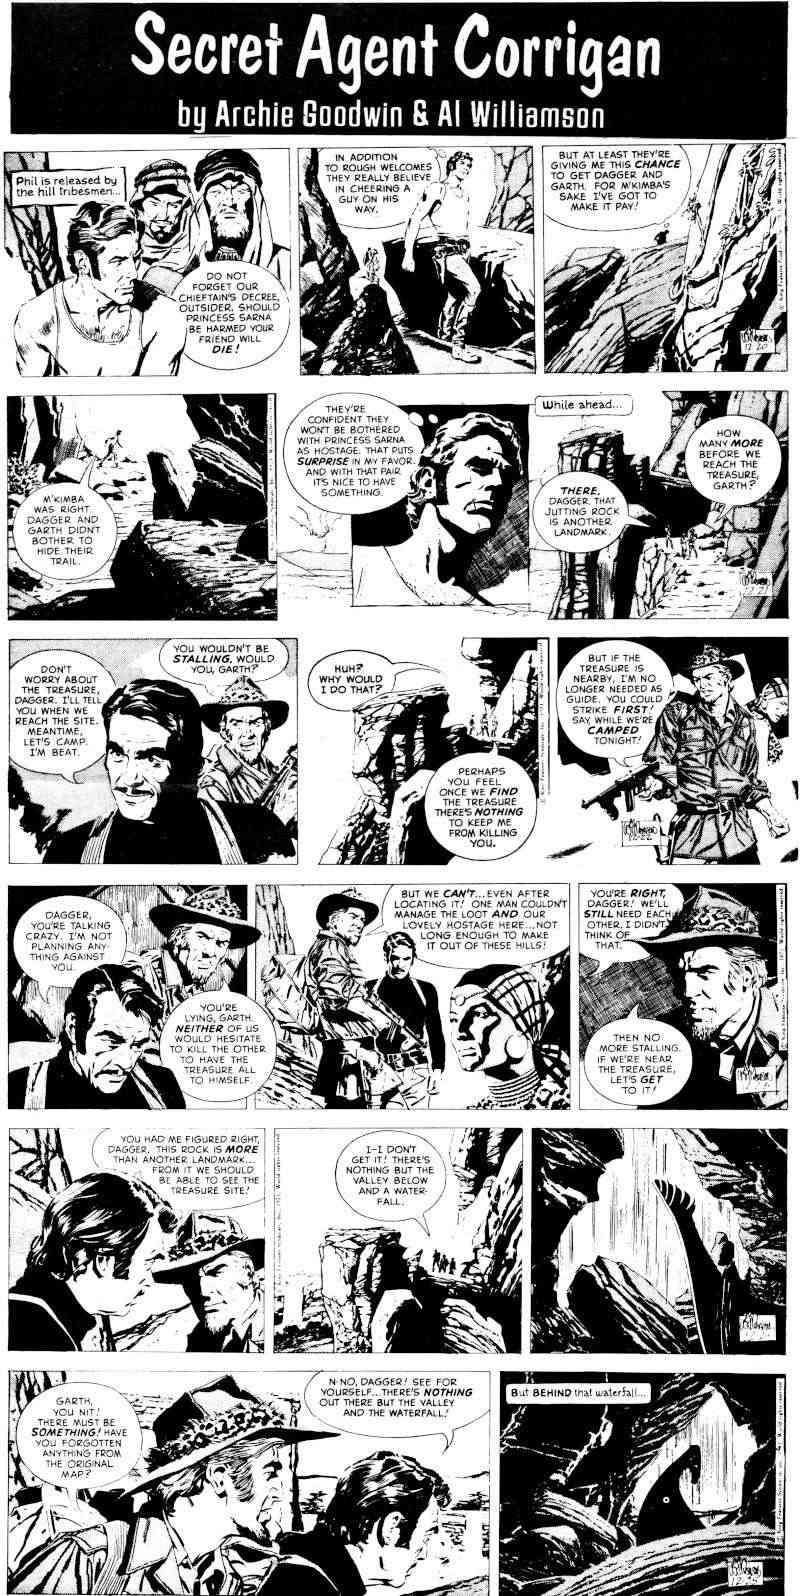 Dédié à Al Williamson - Page 2 Mfg00310